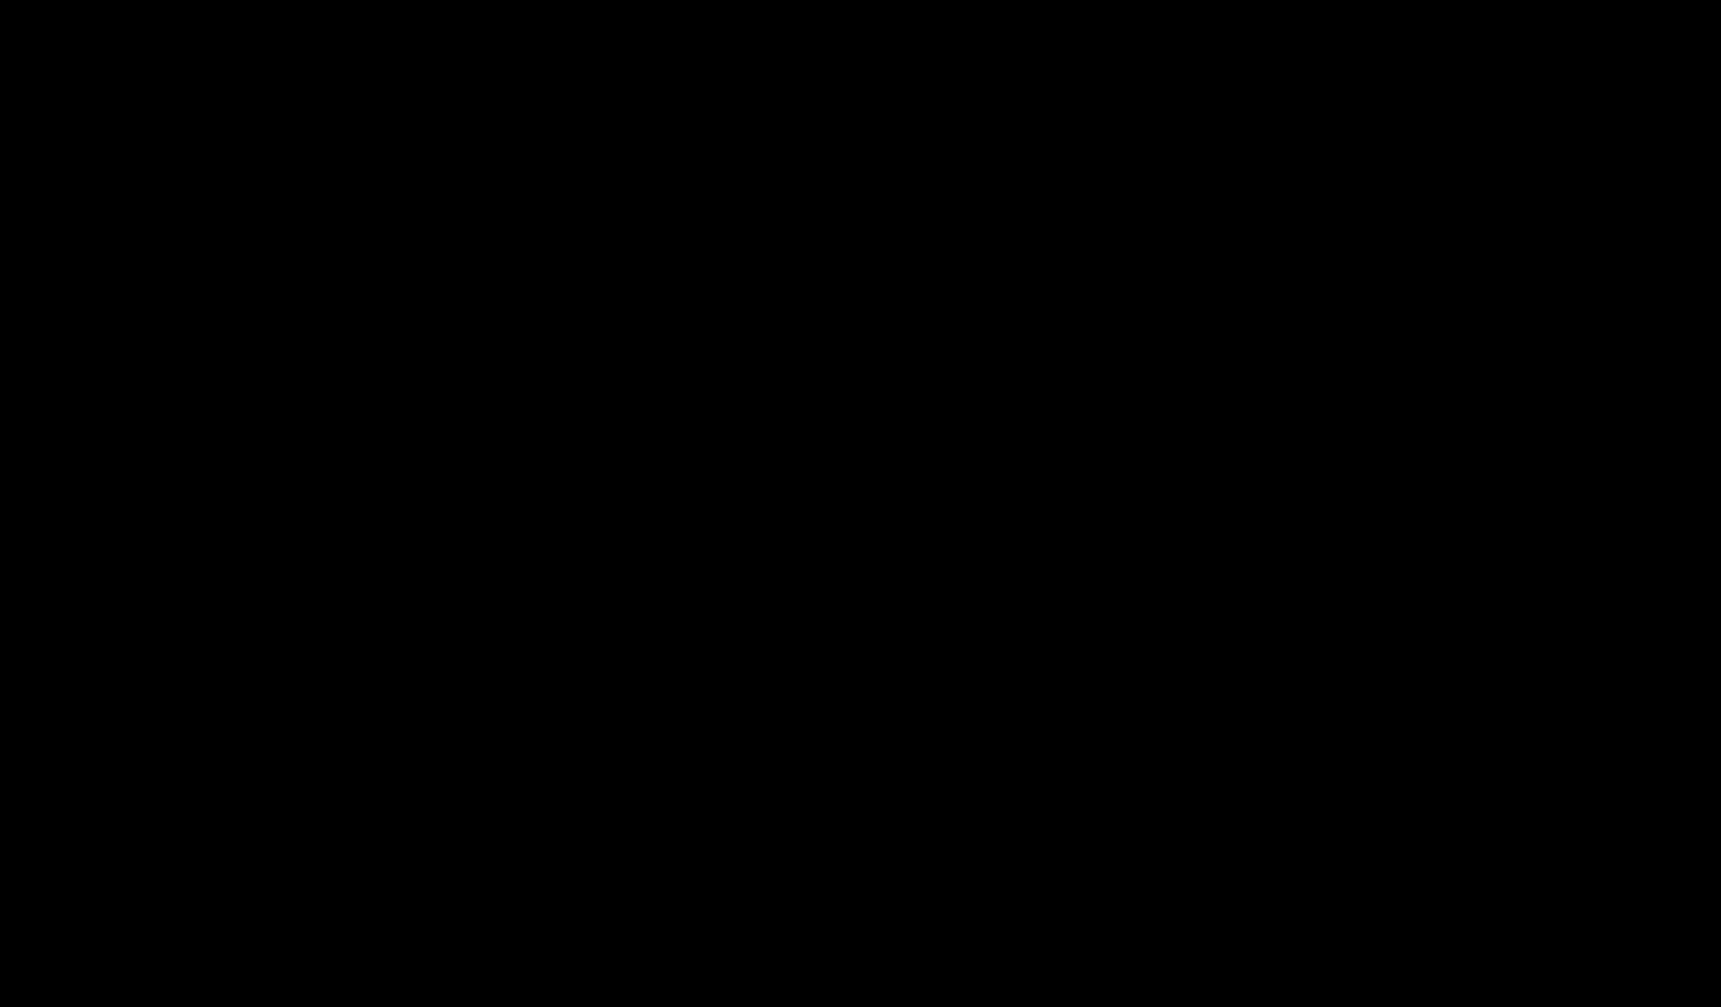 Logo des Fitnessstudios & Kampfsport-Studios Band Camp aus Meerbusch, Partner von FEFLOGX Sportswear.